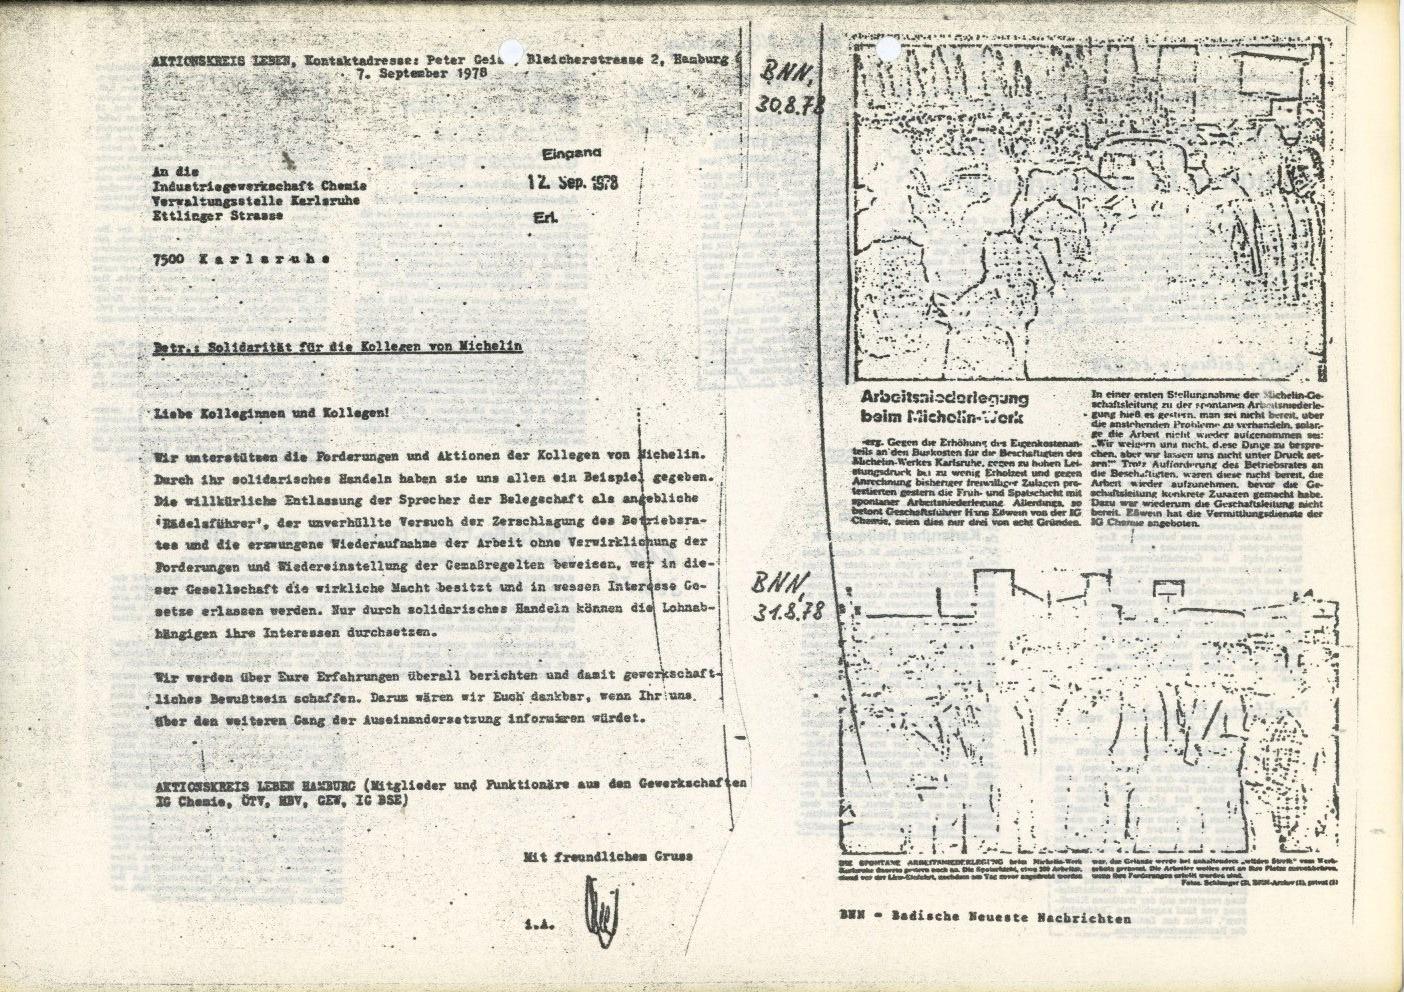 Karlsruhe_Michelin_IGCPK_Doku_zum_Arbeitskonflikt_1978_40